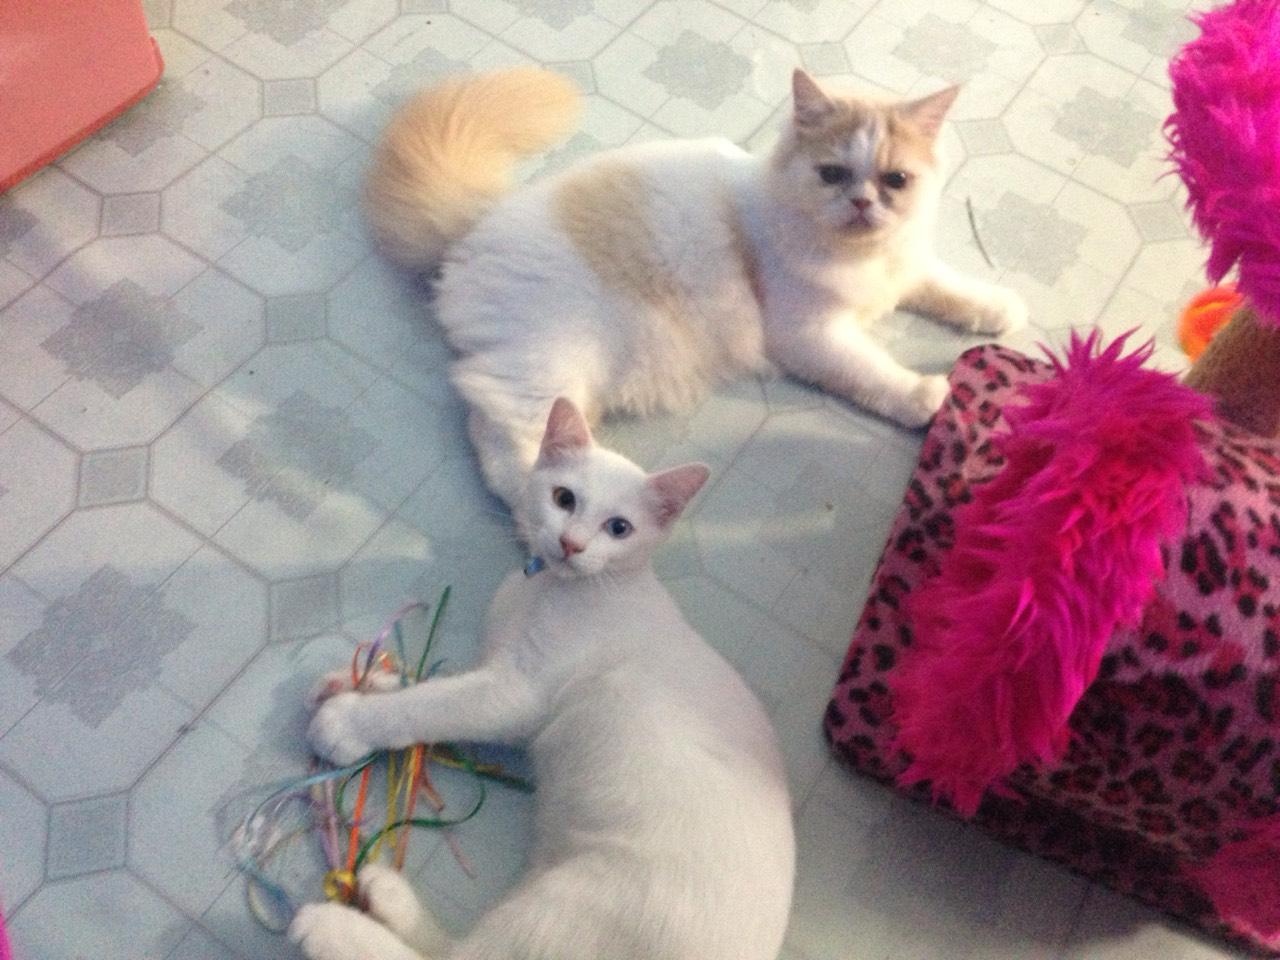 ซื้อขายแมววิเชียรมาศขาวมณีสีสวาดโคราชเปอร์เซียS__999437